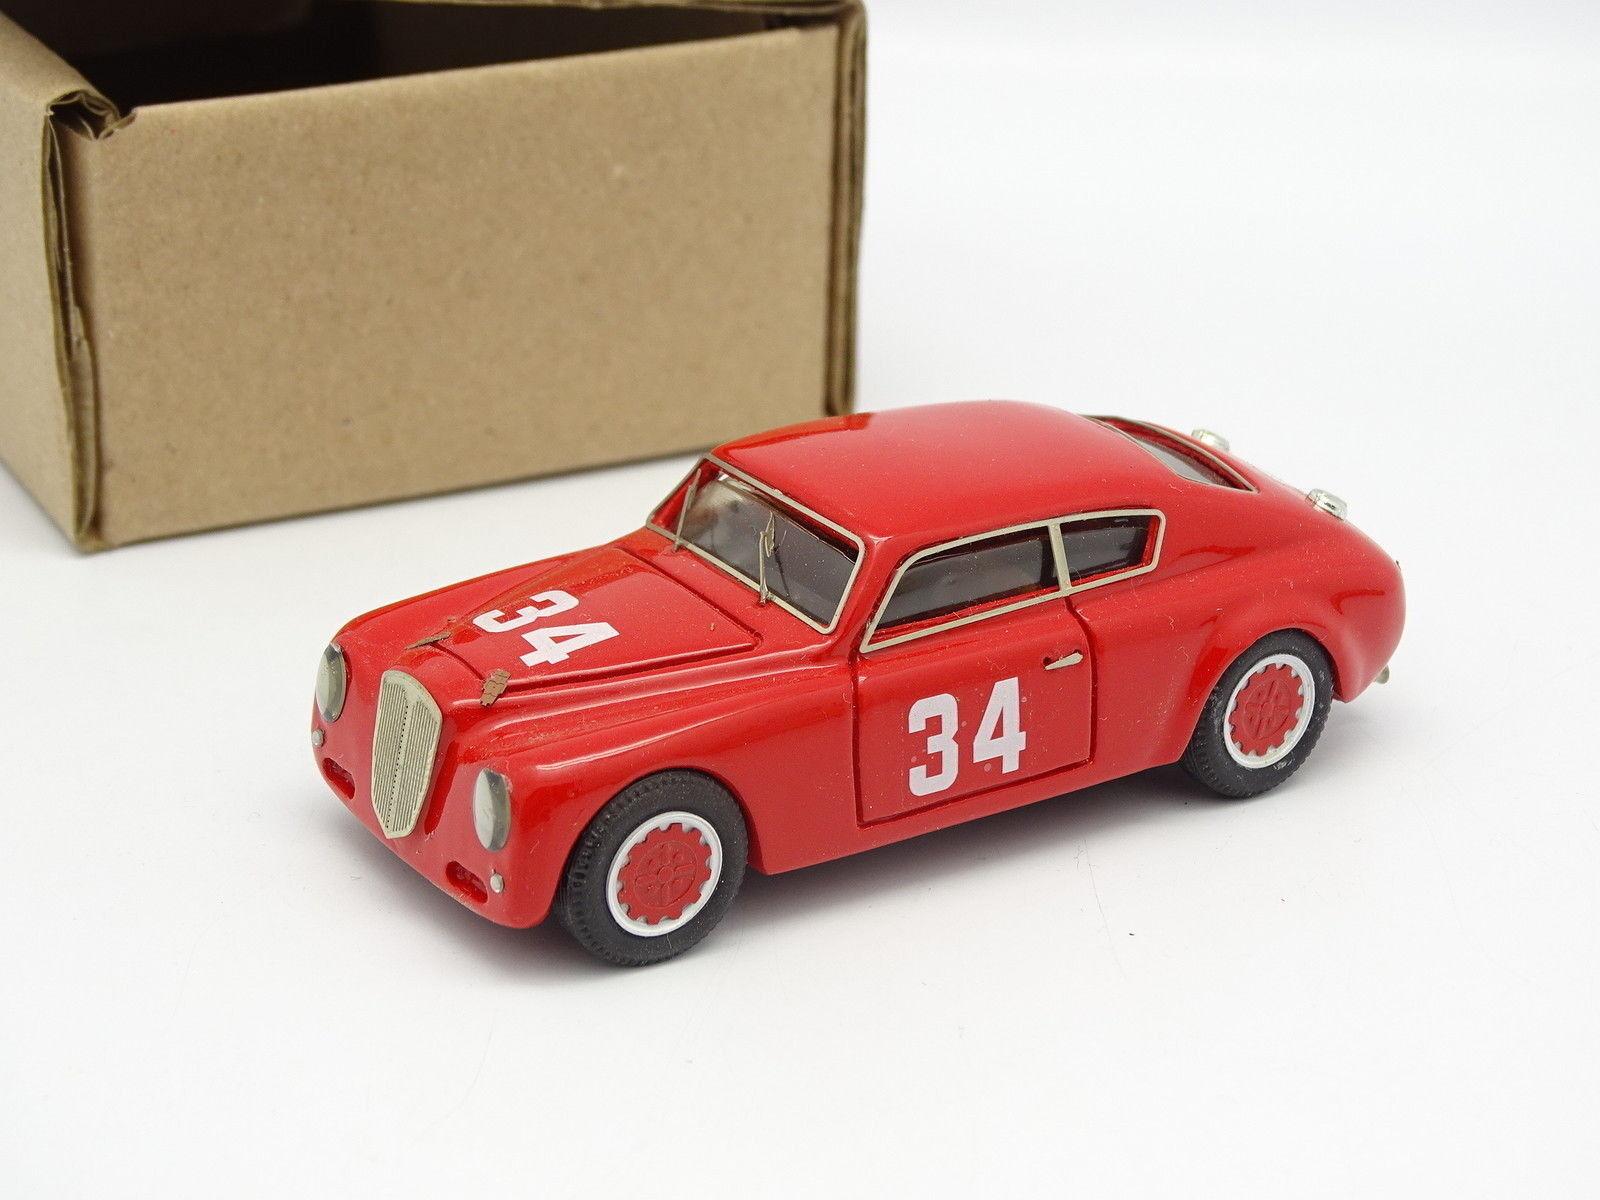 JOLLY Modelle Set aufgebaut SB 1 1 1 43 Lancia B20 Nr.34 Gewinner Targa florio 1952 5a33b3